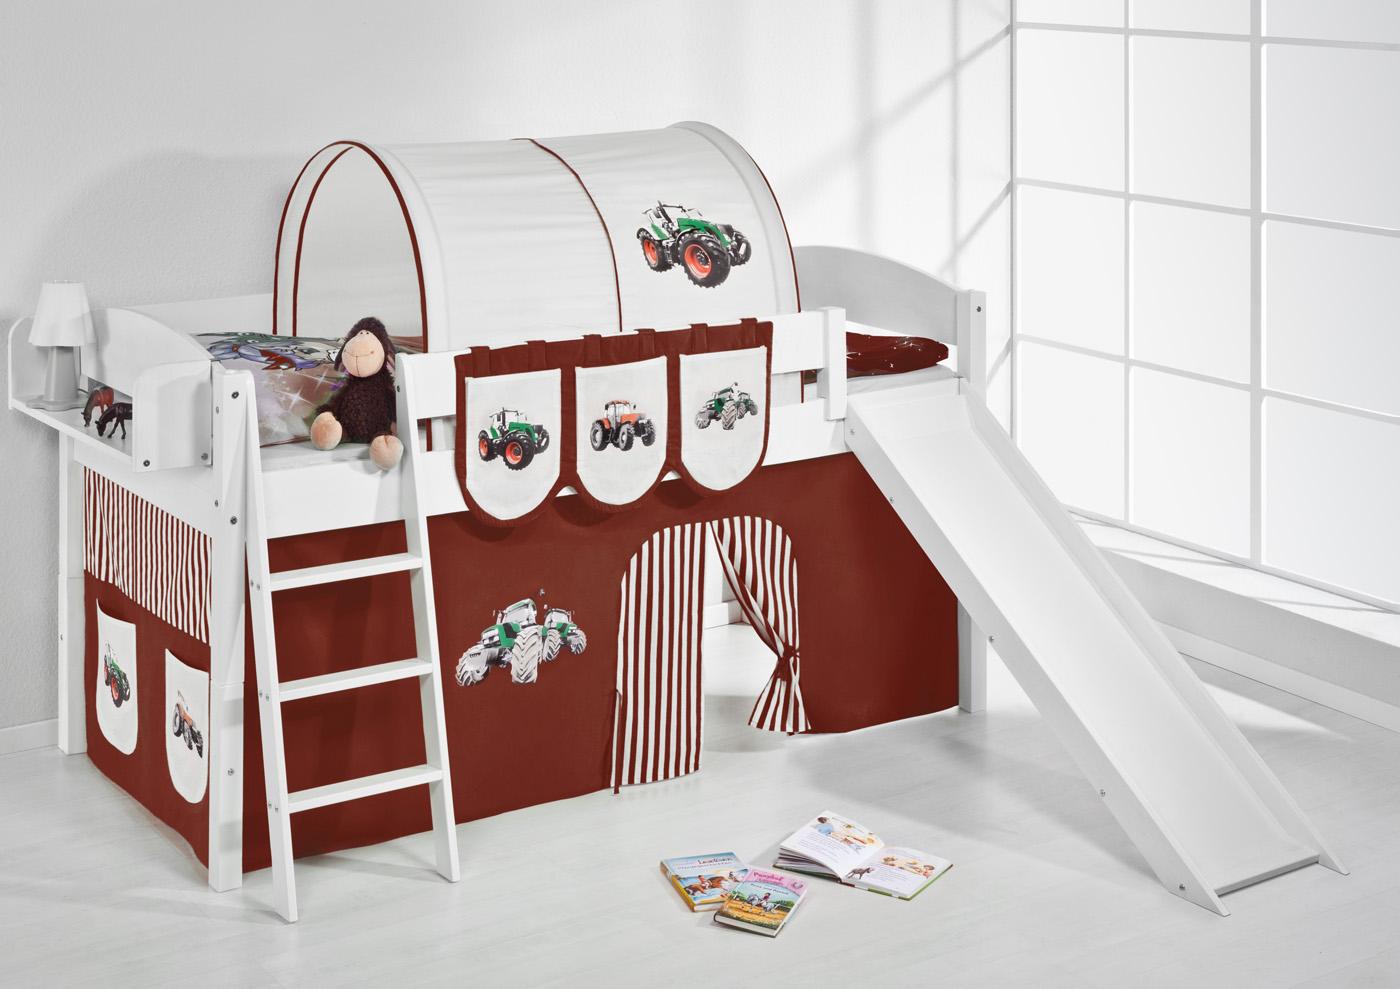 Einzelbett für kinder  Spielbett Hochbett Kinderbett Kinder Bett mit Rutsche umbaubar ...